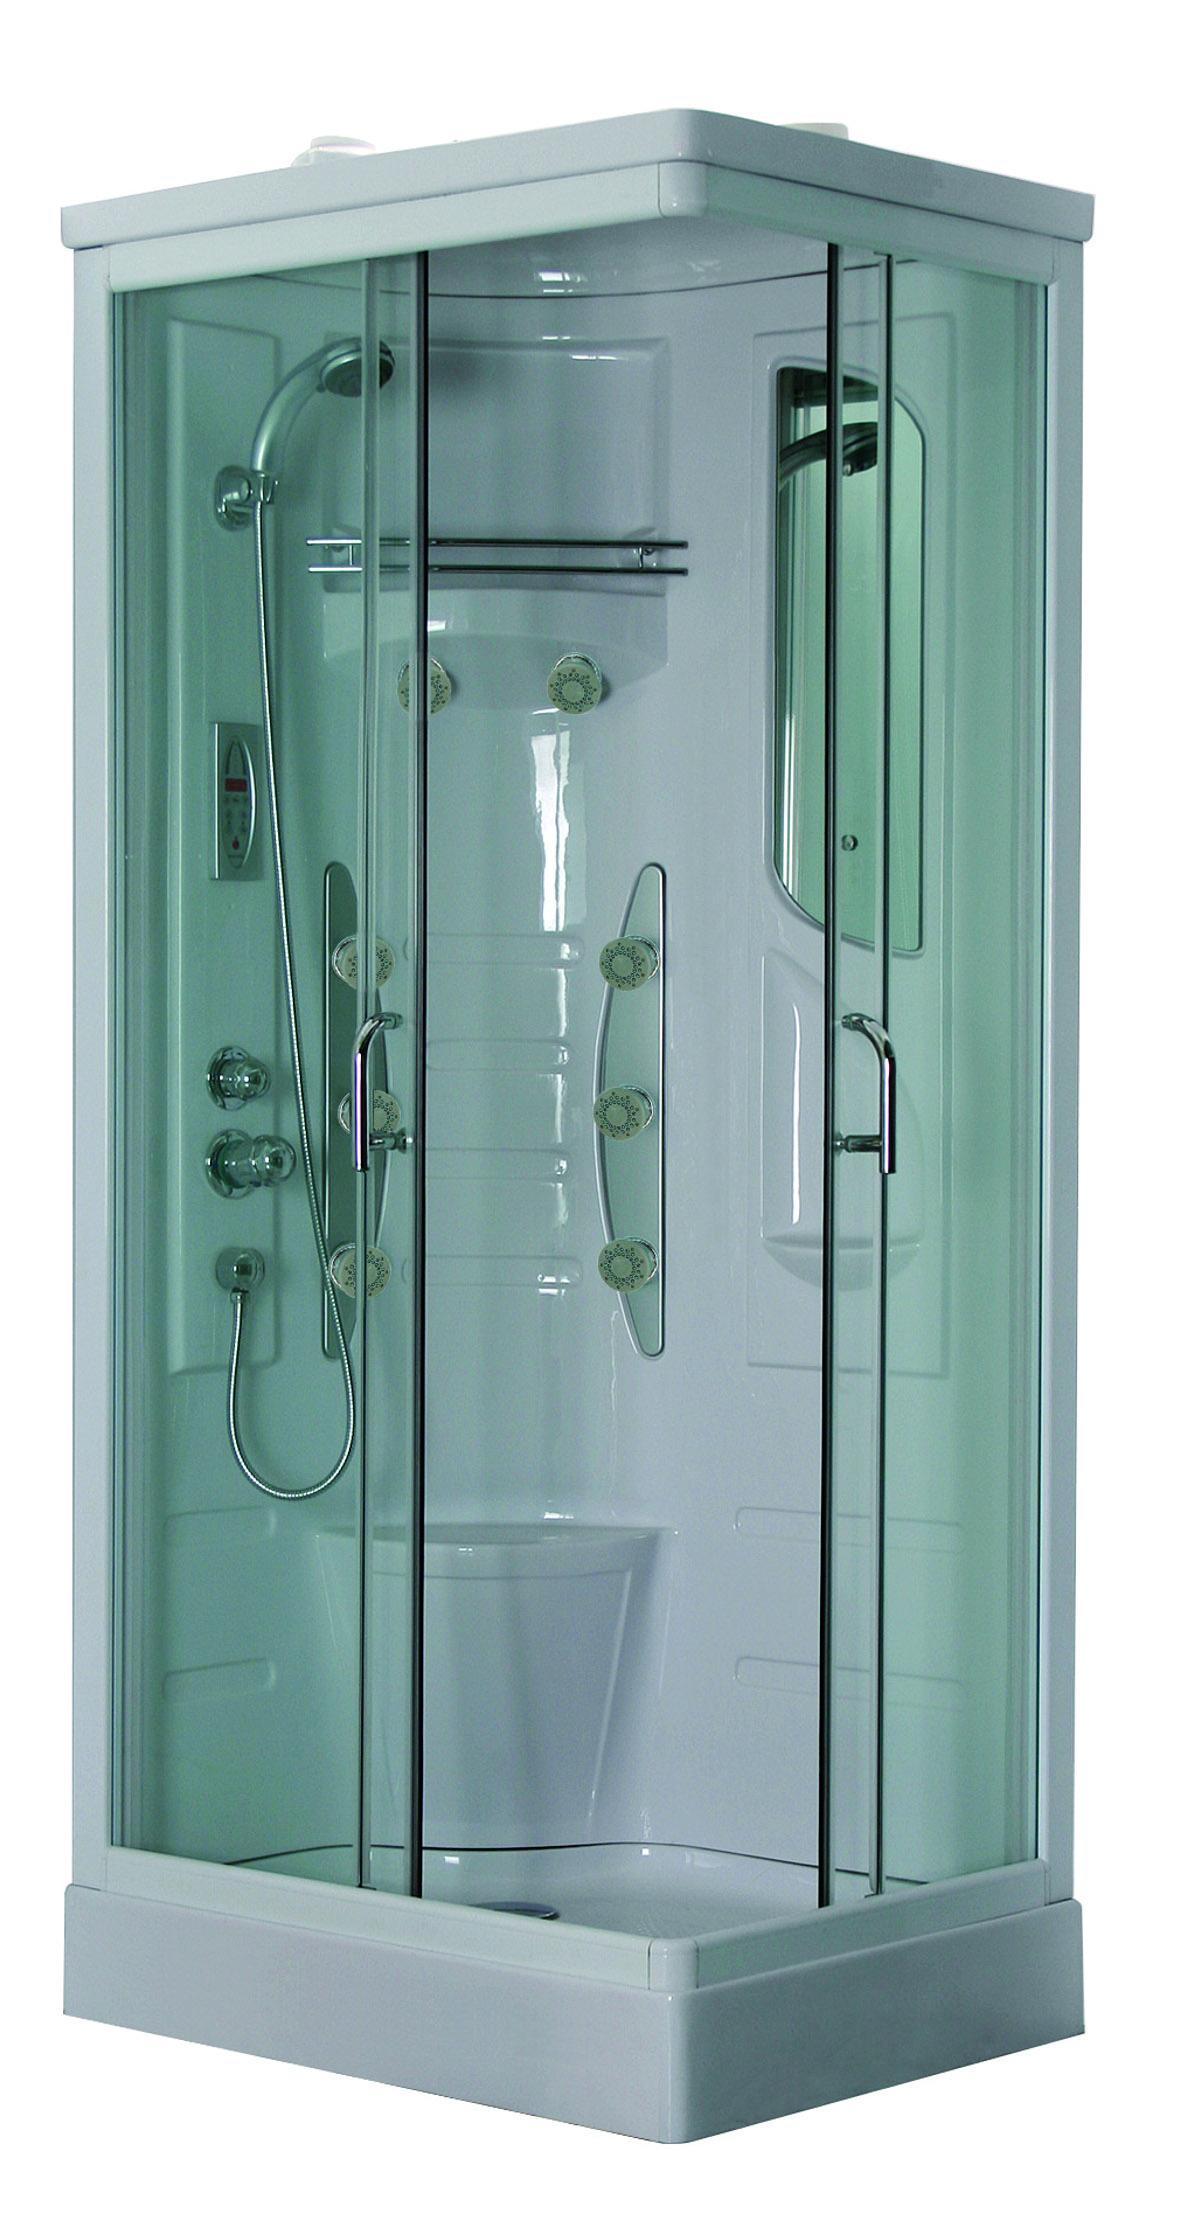 Cabina ducha sauna affordable galera de imgenes with - Cabina ducha sauna ...